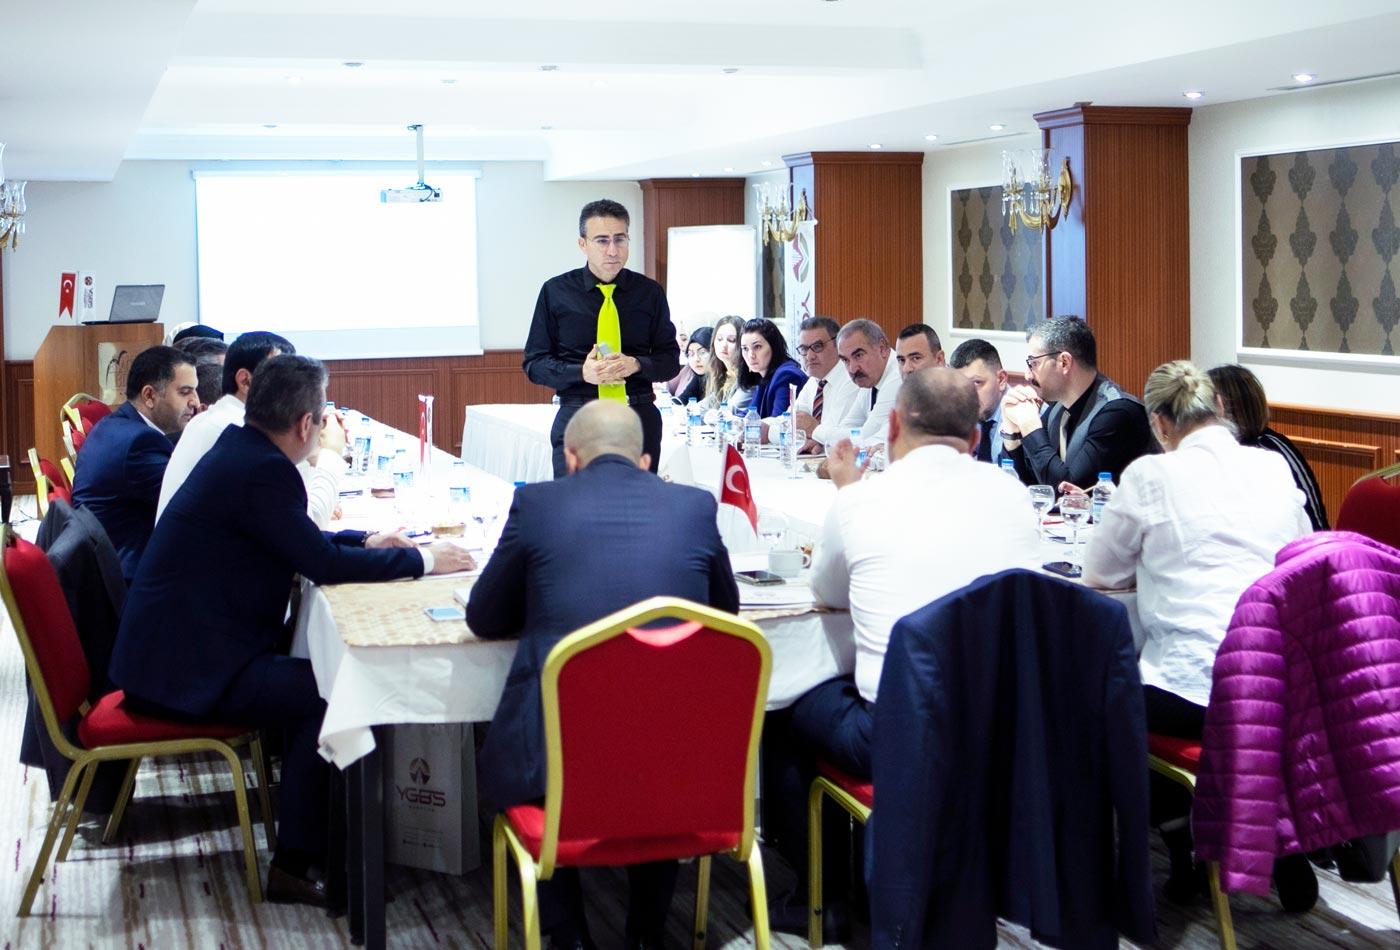 Yönetim hizmetleri eğitim semineri